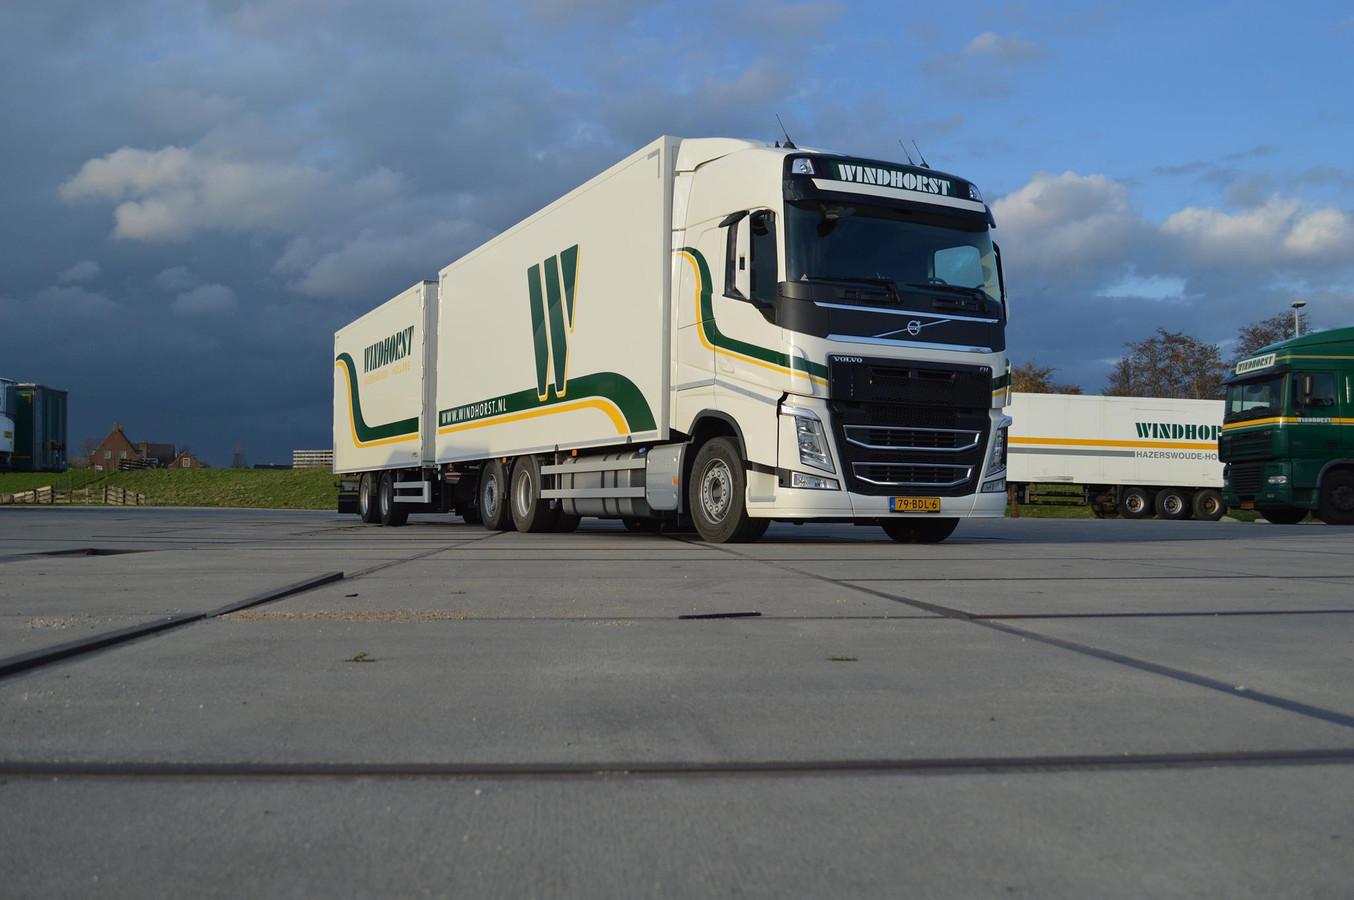 Een truck van Windhorst Transport uit Hazerswoude-Dorp.